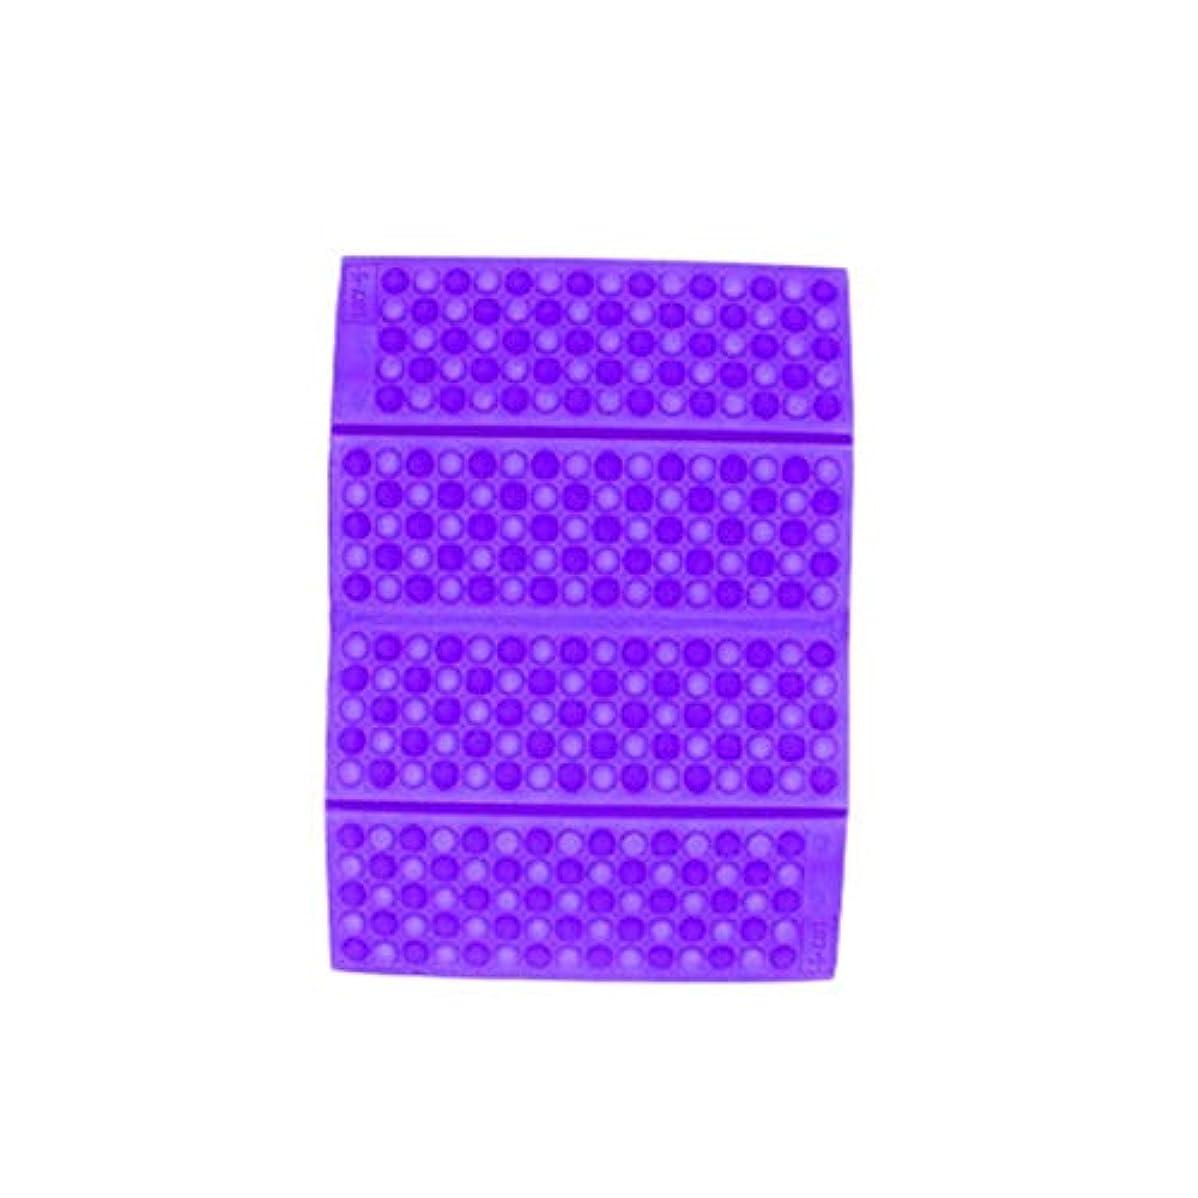 延期する国際些細なポータブルXPE防湿ハニカムクッションパープル-パープル